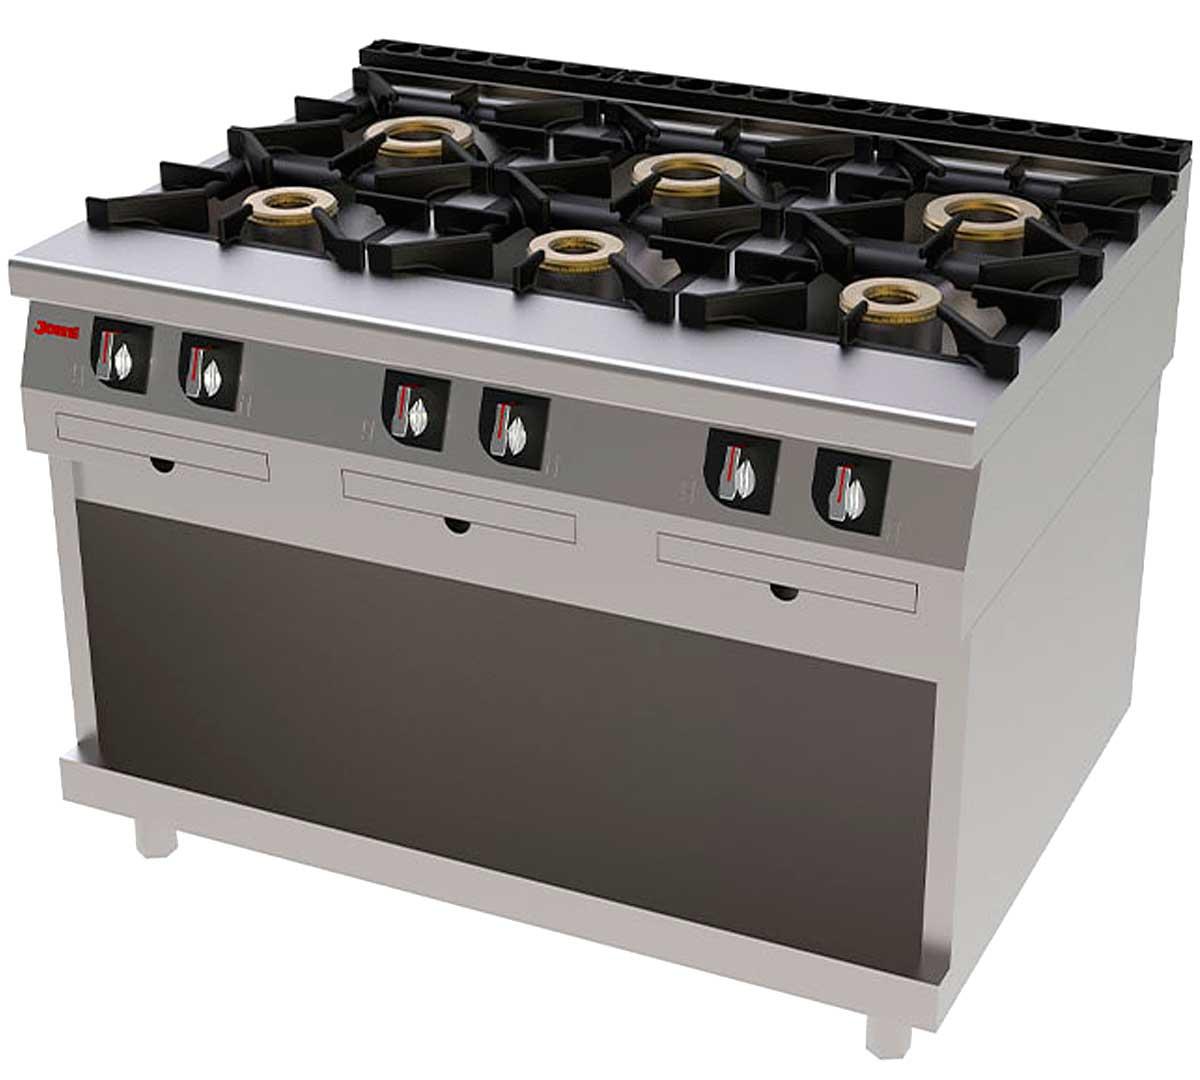 Cocina Serie 900 T De Jemi